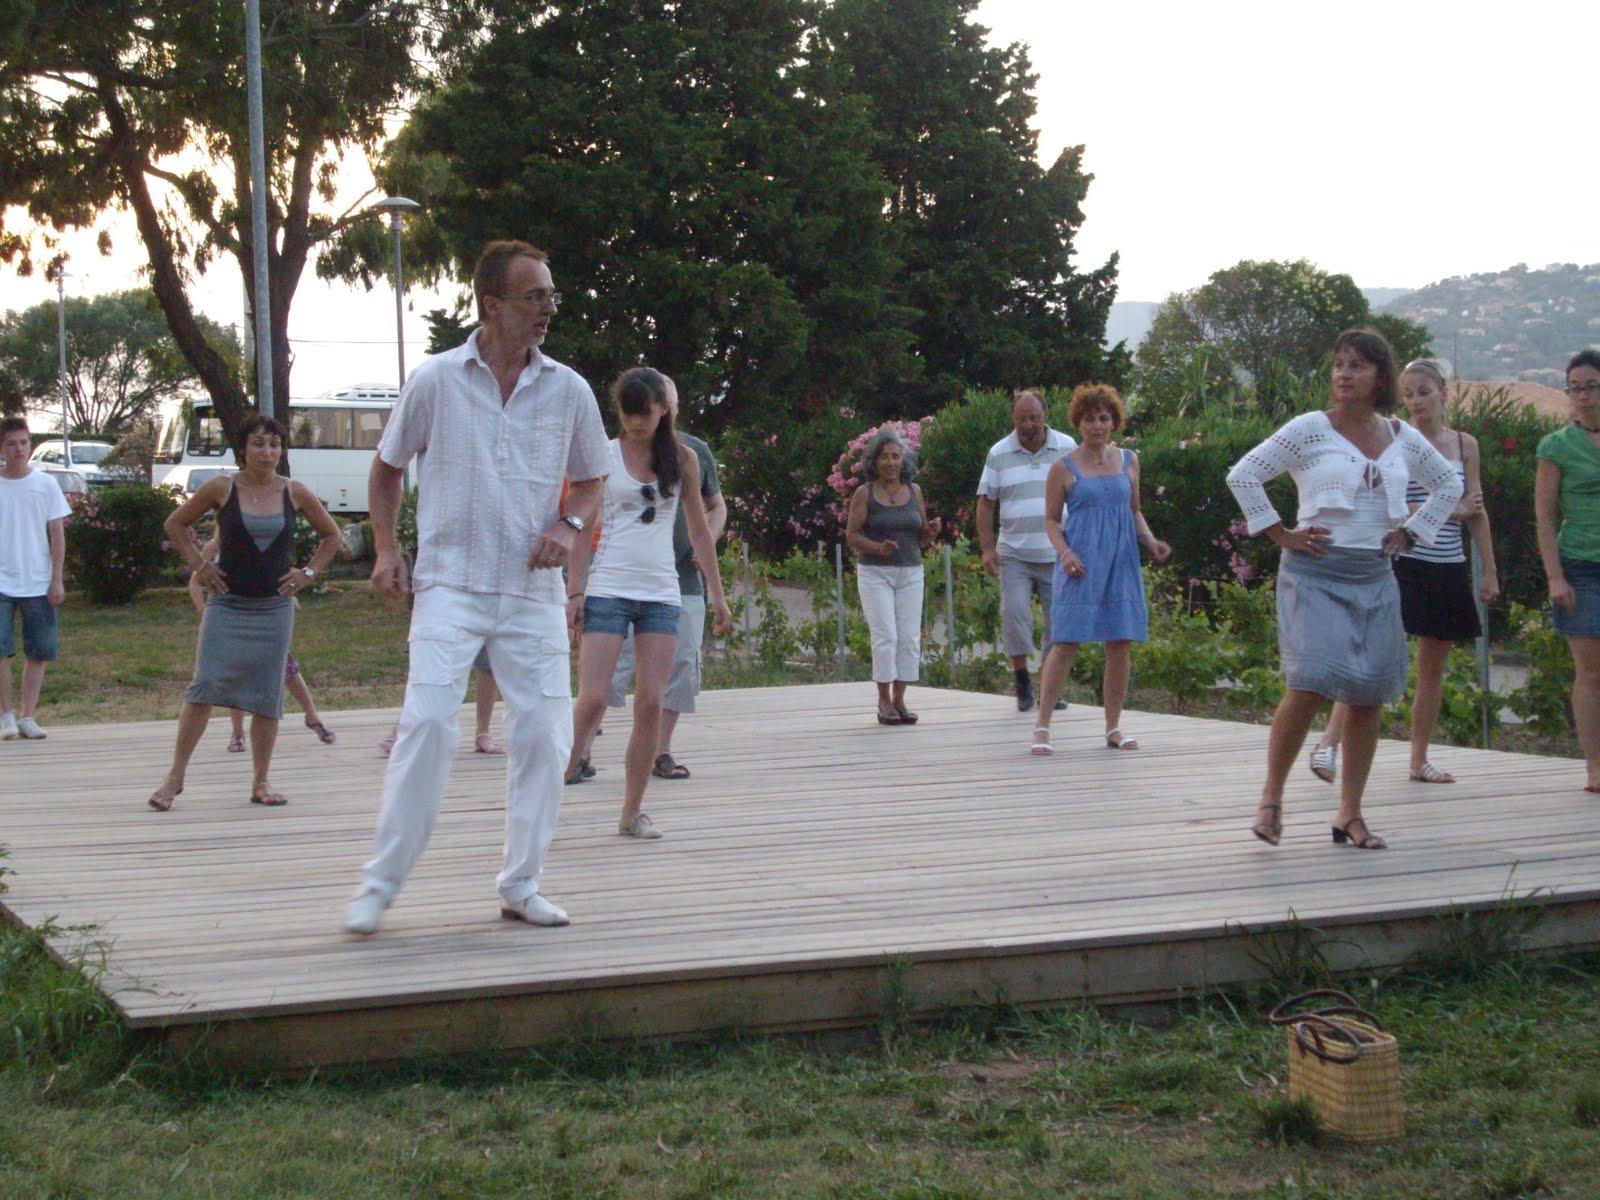 village vacances touristra la manne  alors on danse